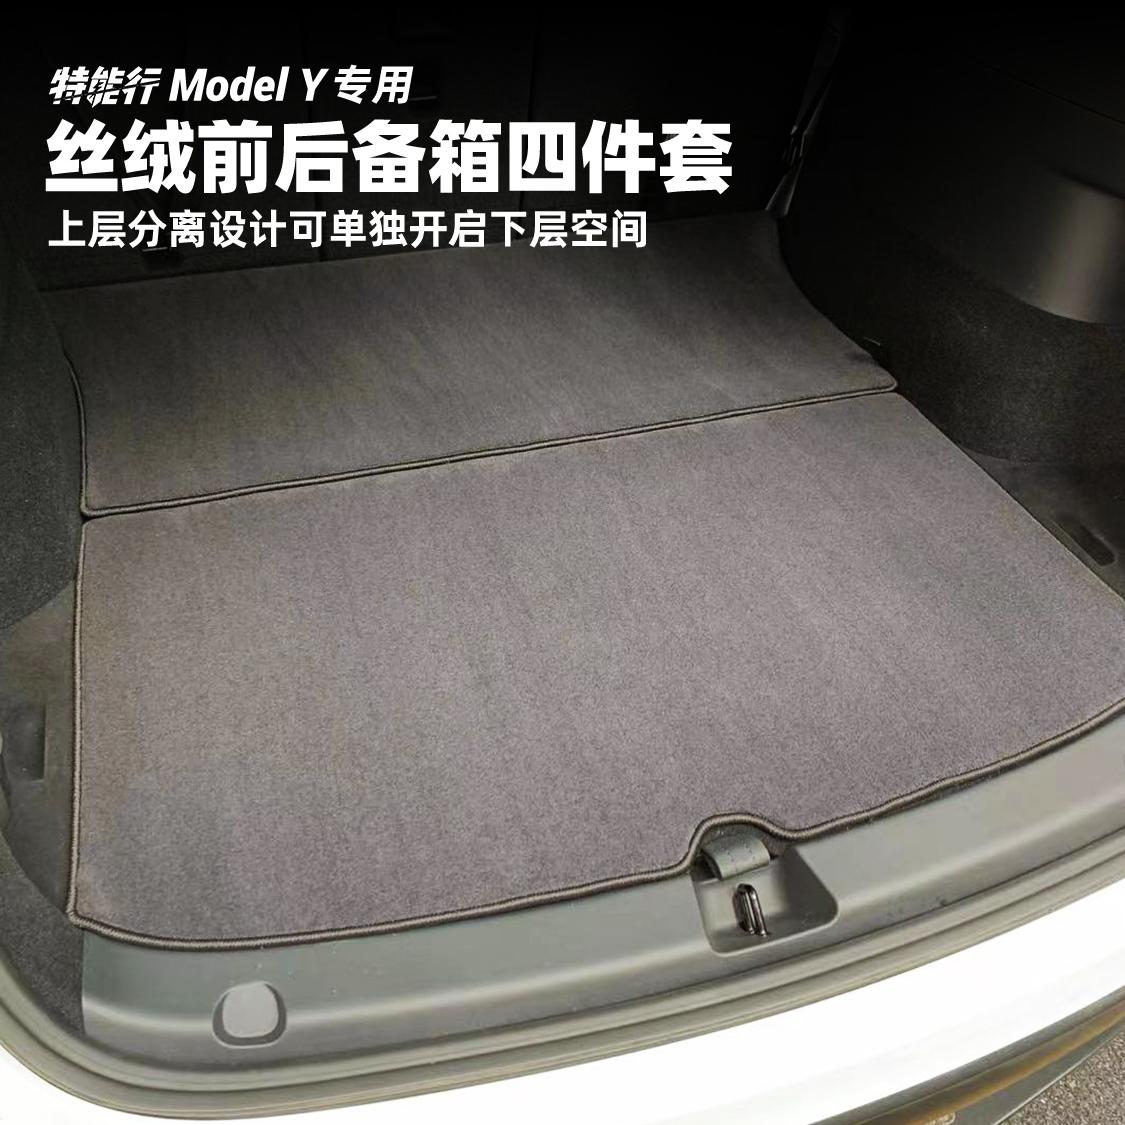 Model Y前后备箱丝绒垫分体四件套